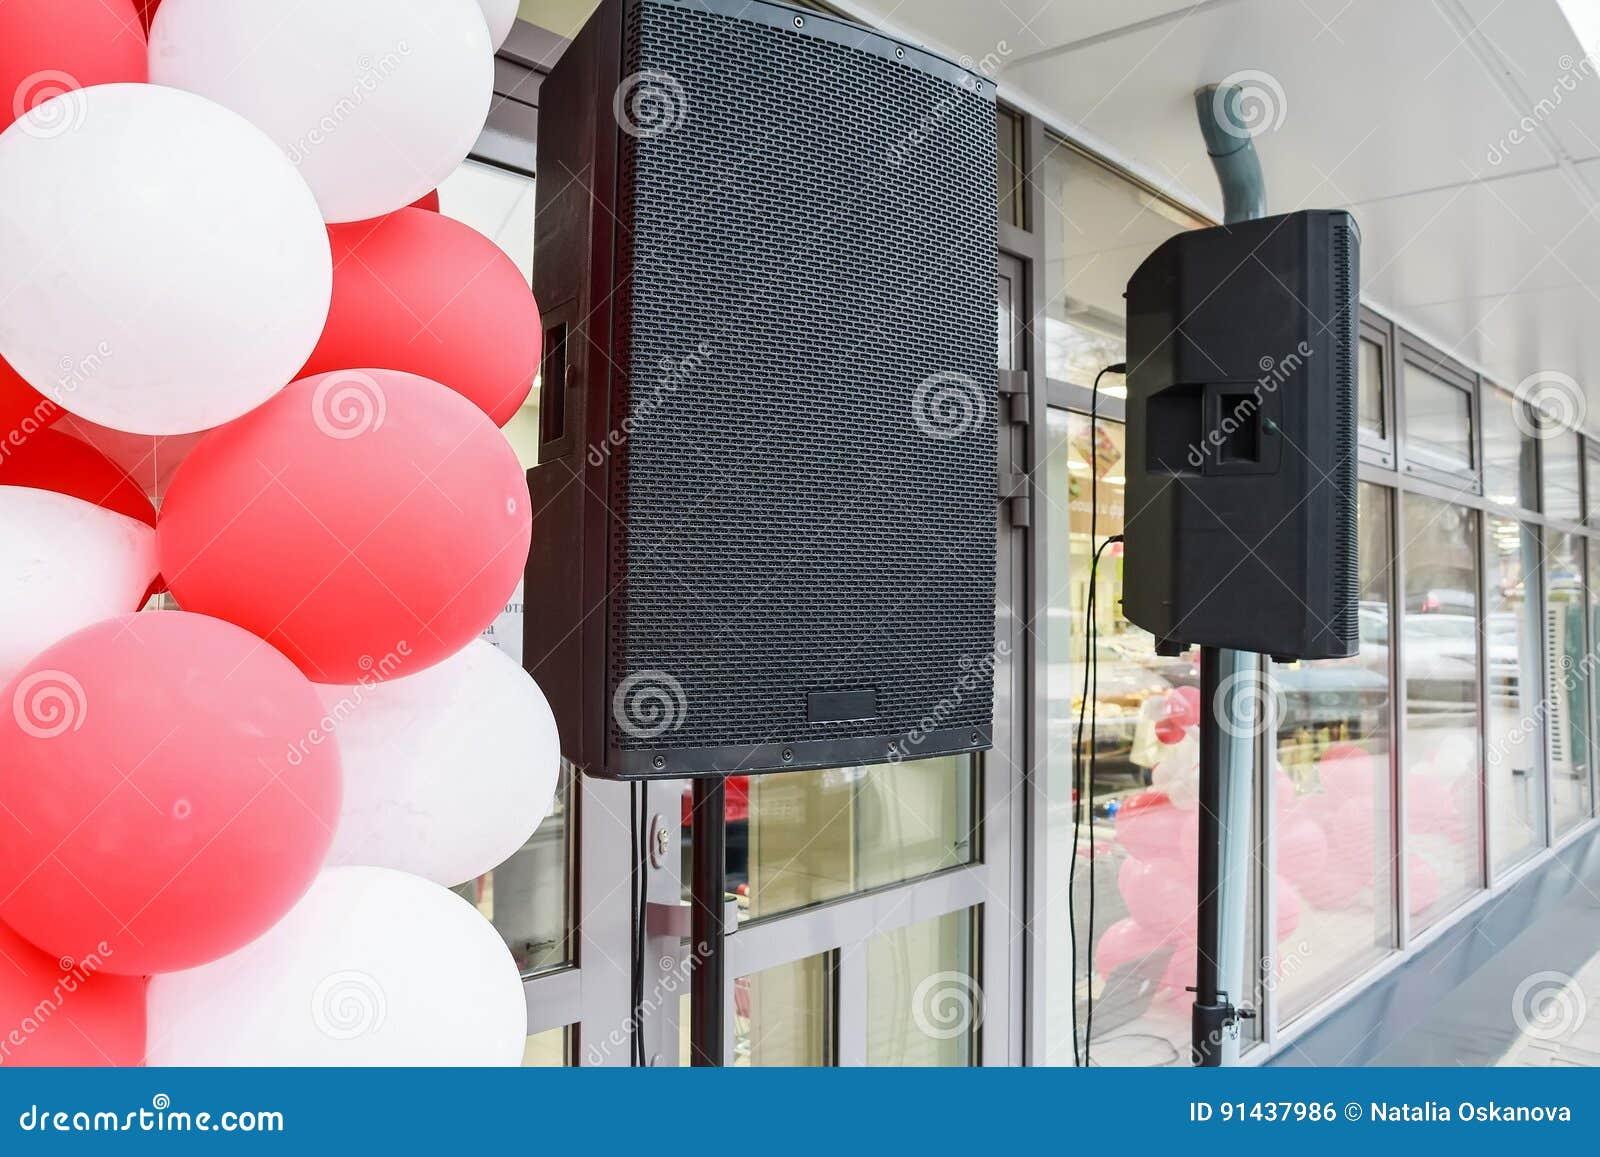 Black loudspeakers hang outside a shop